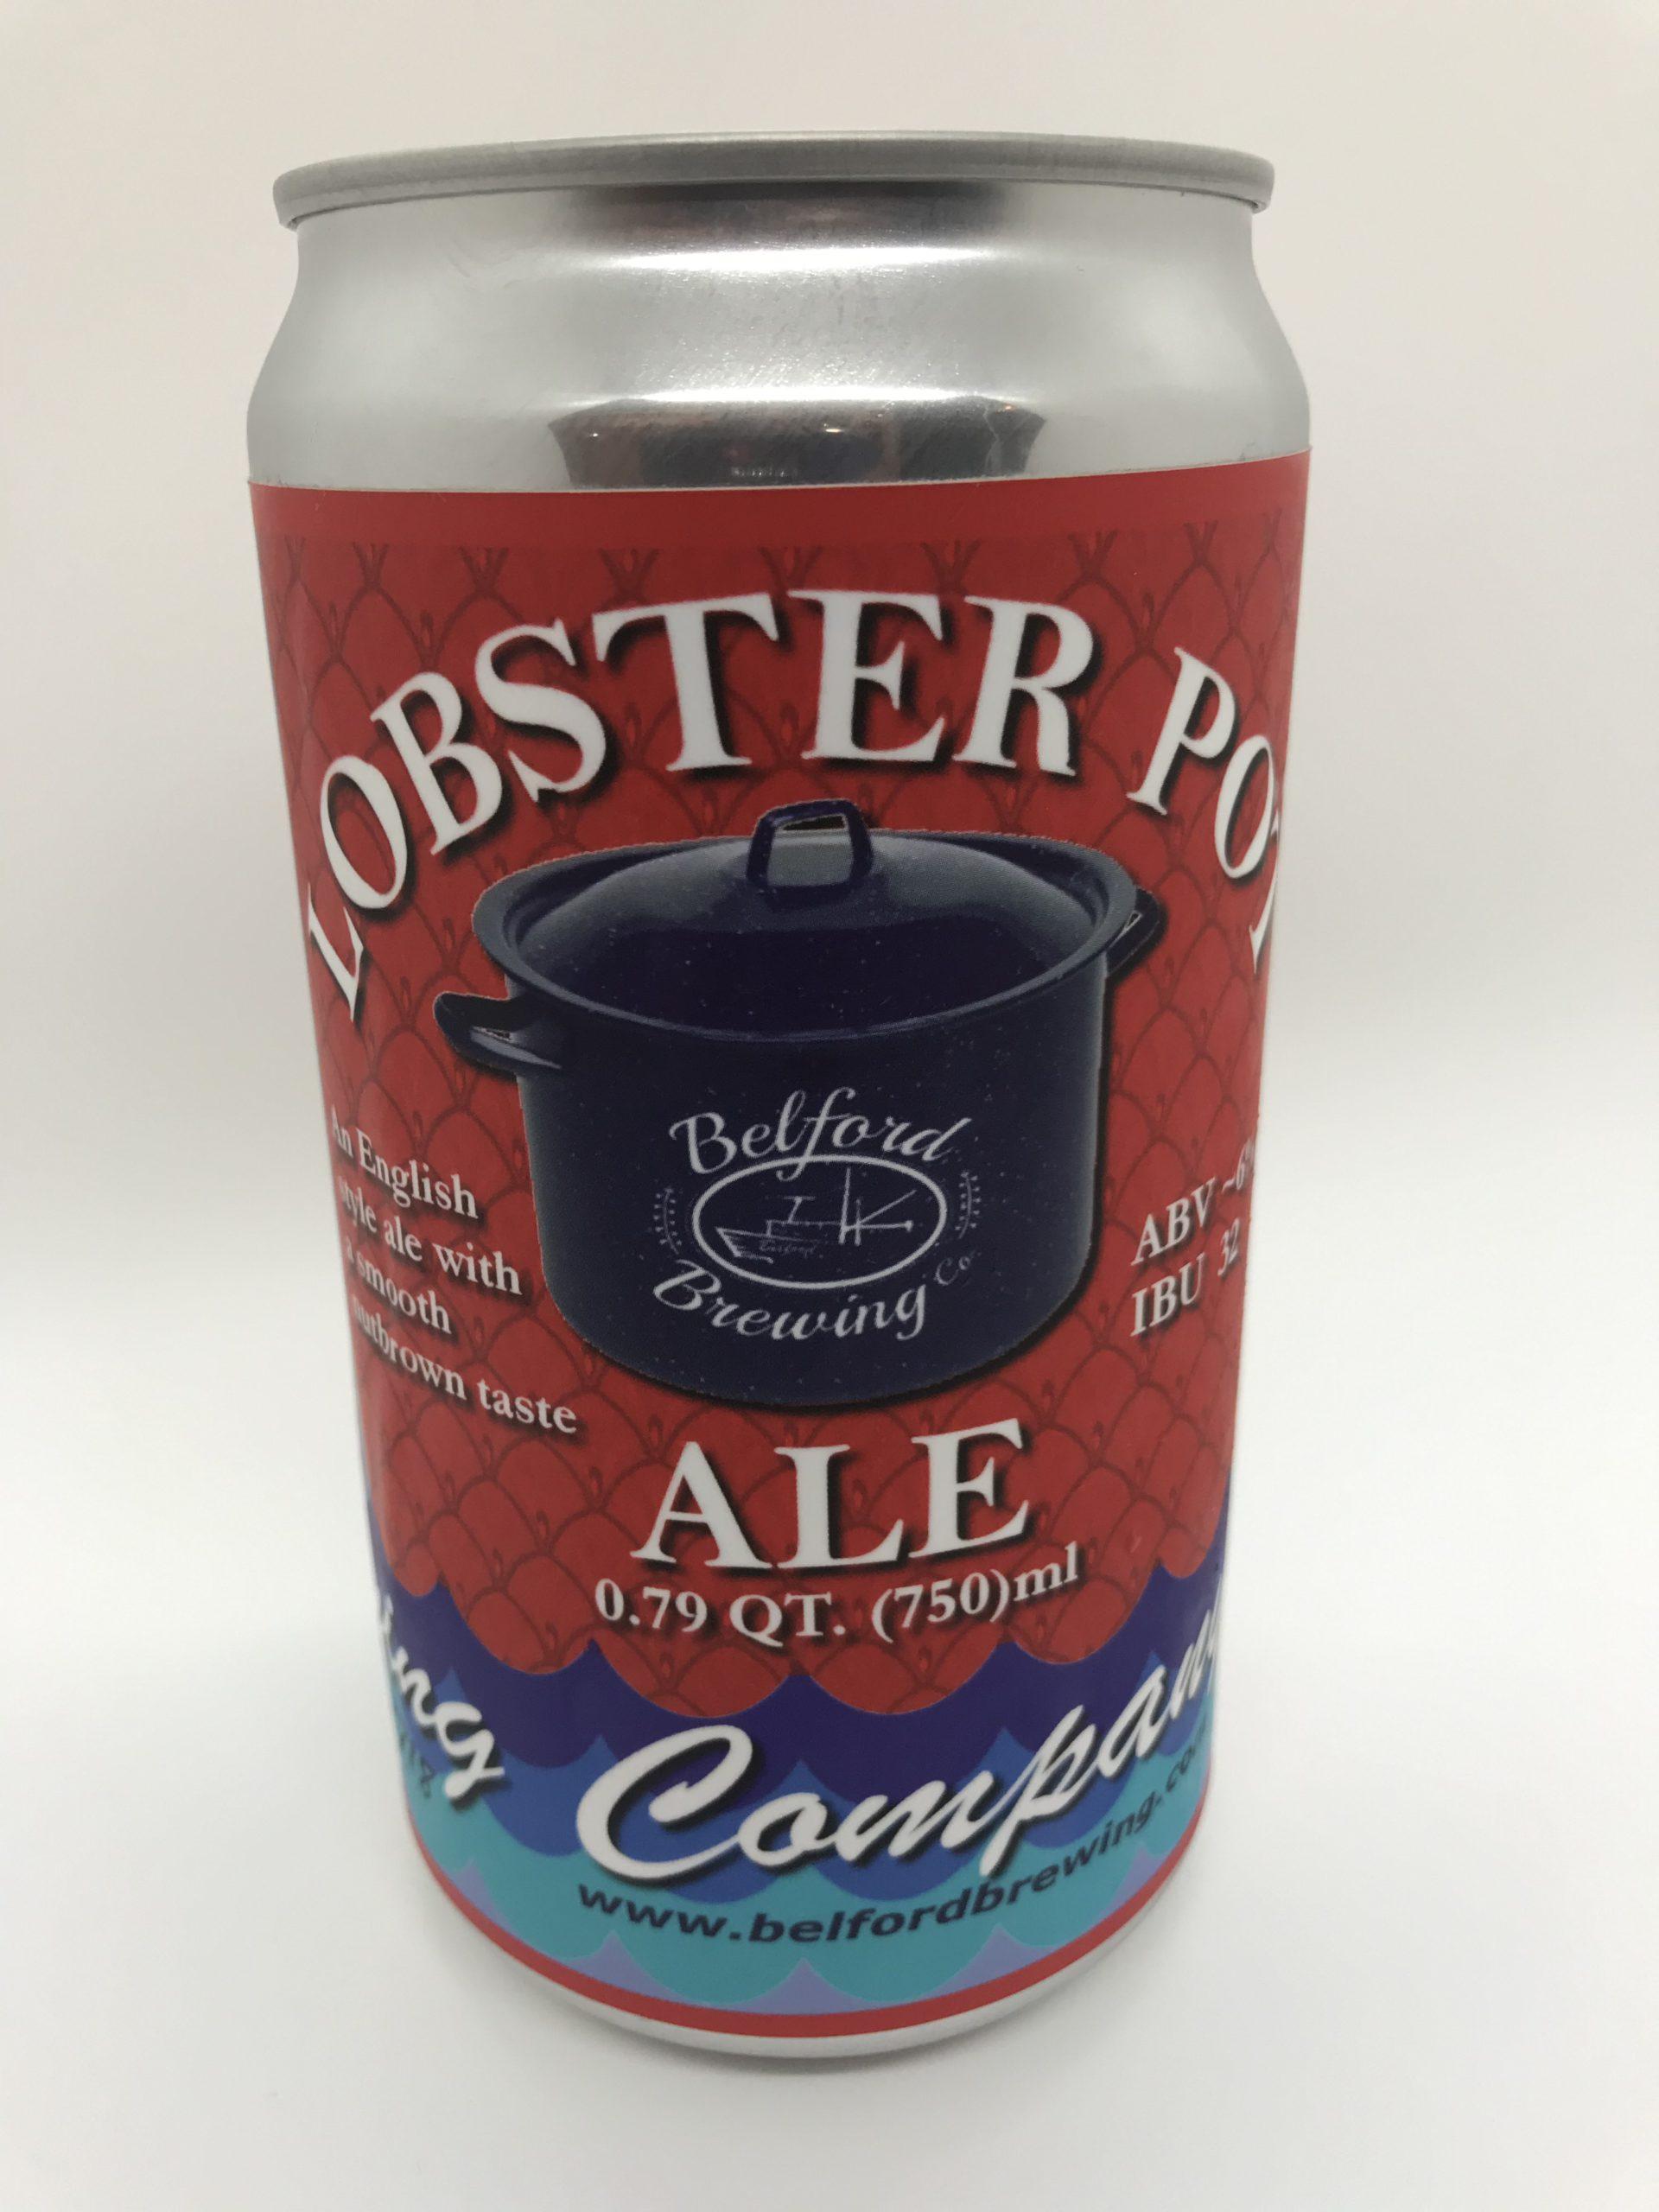 Lobster Pot 2